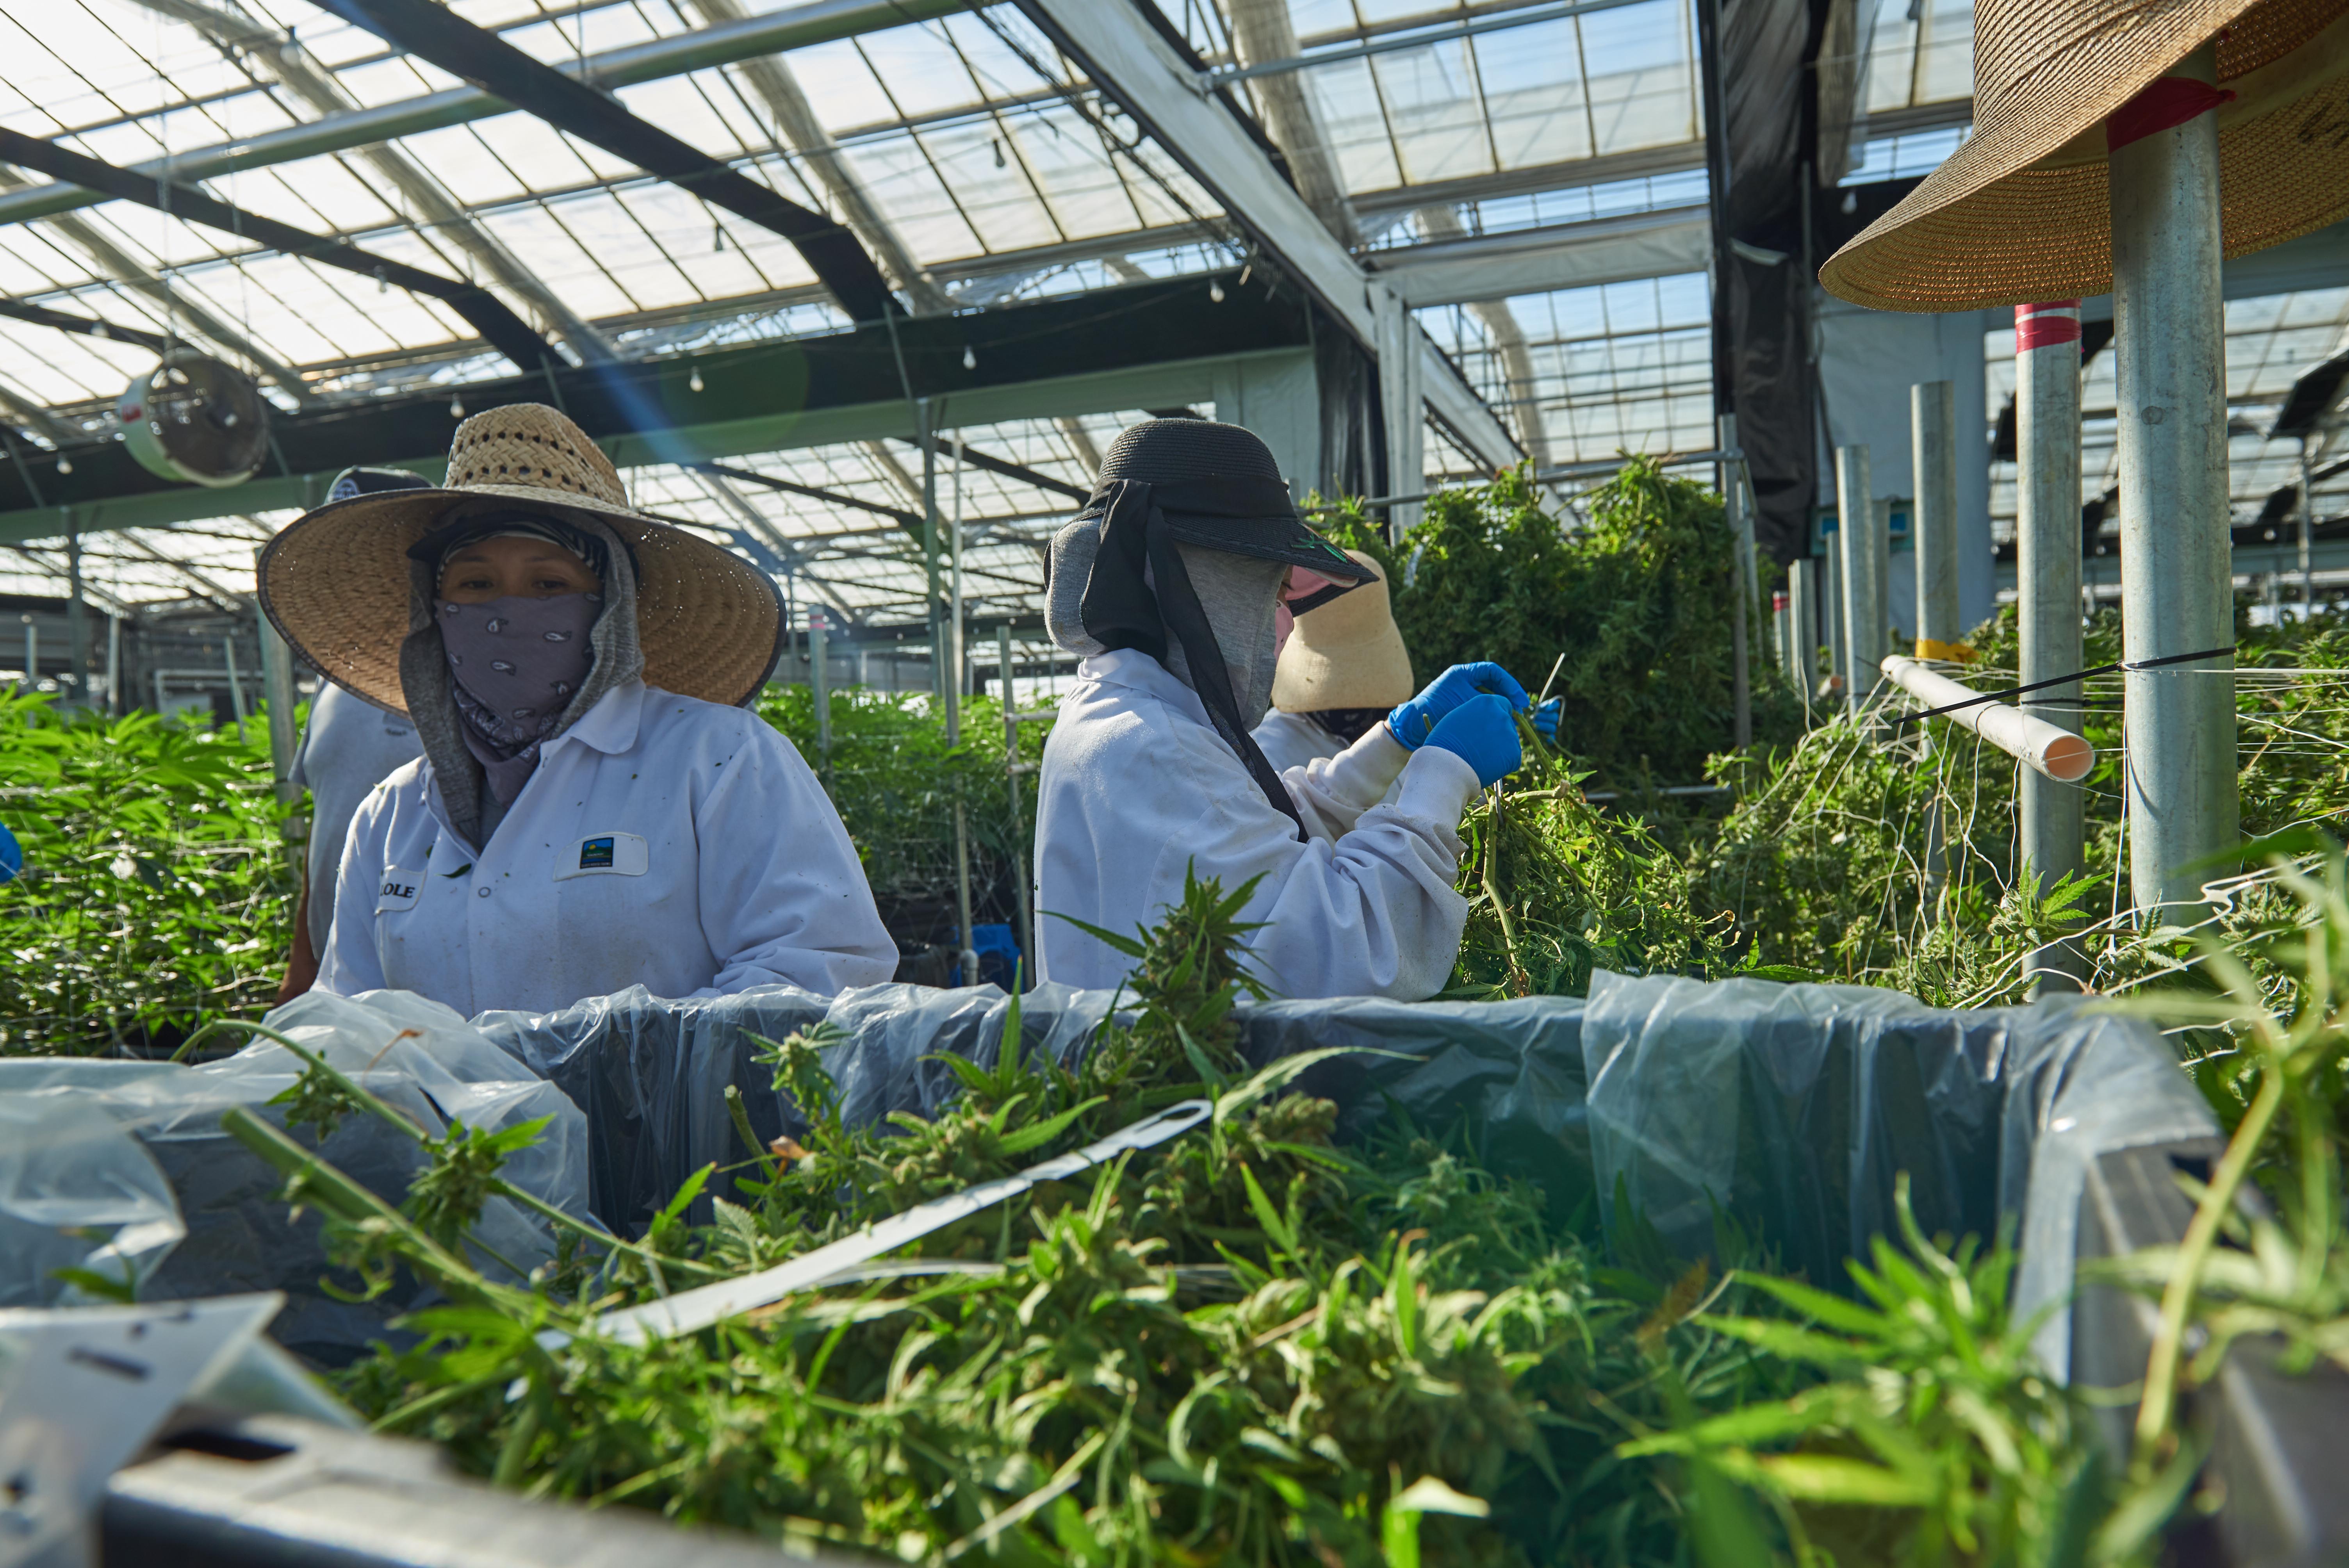 Workers harvesting cannabis in California (Liudi Hara/Shutterstock)